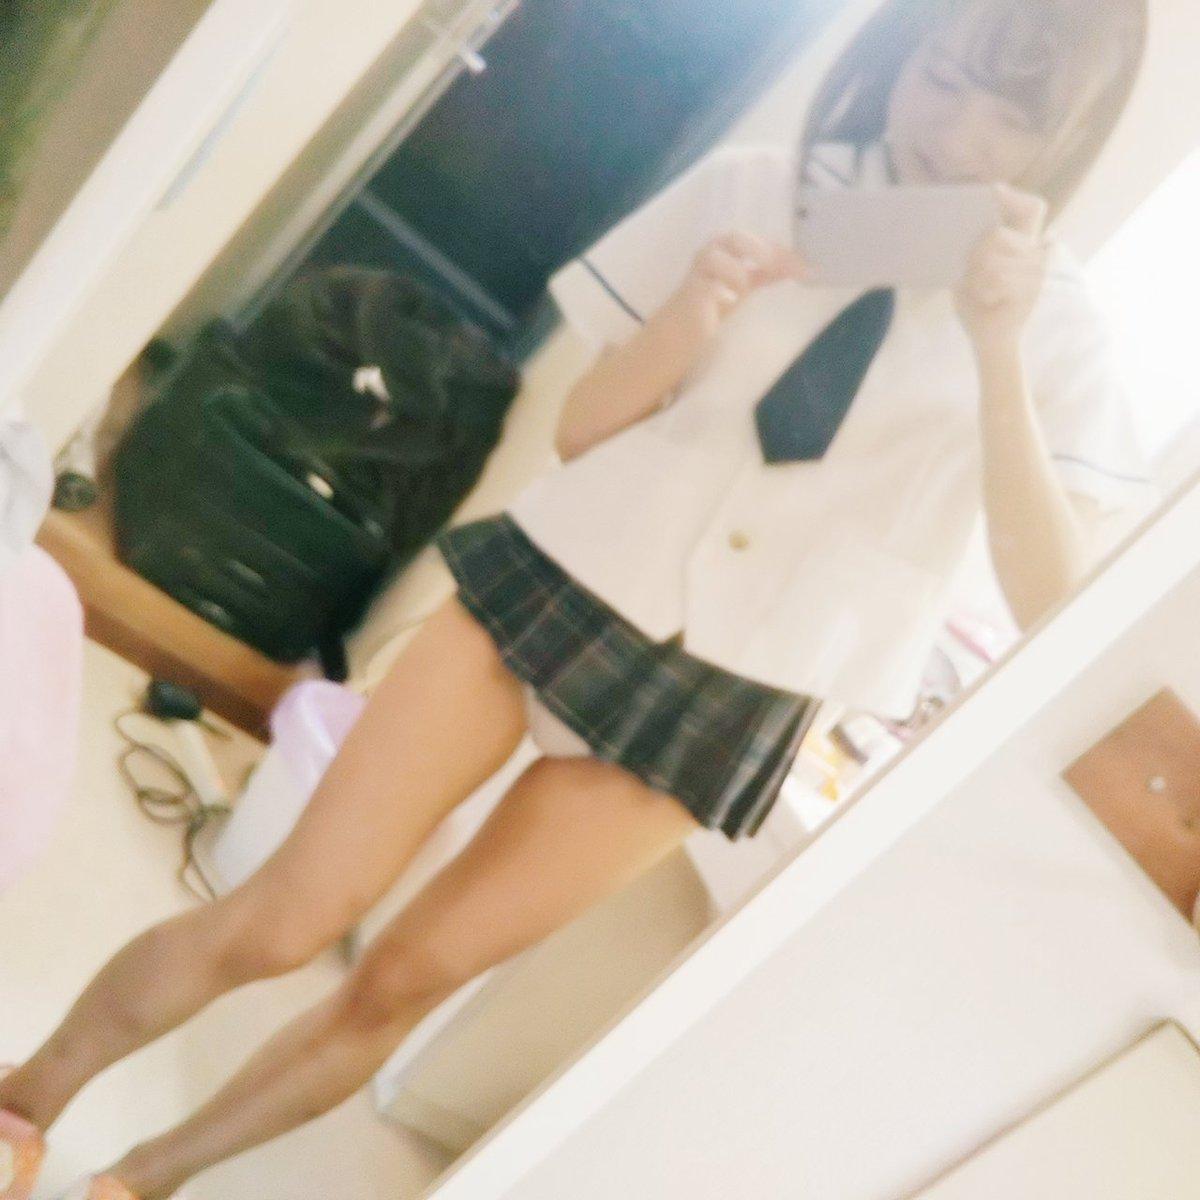 エッチなパンツを履いて自撮りする女子高生!!パシャッ!!! DrsmqvmV4AEMOaH